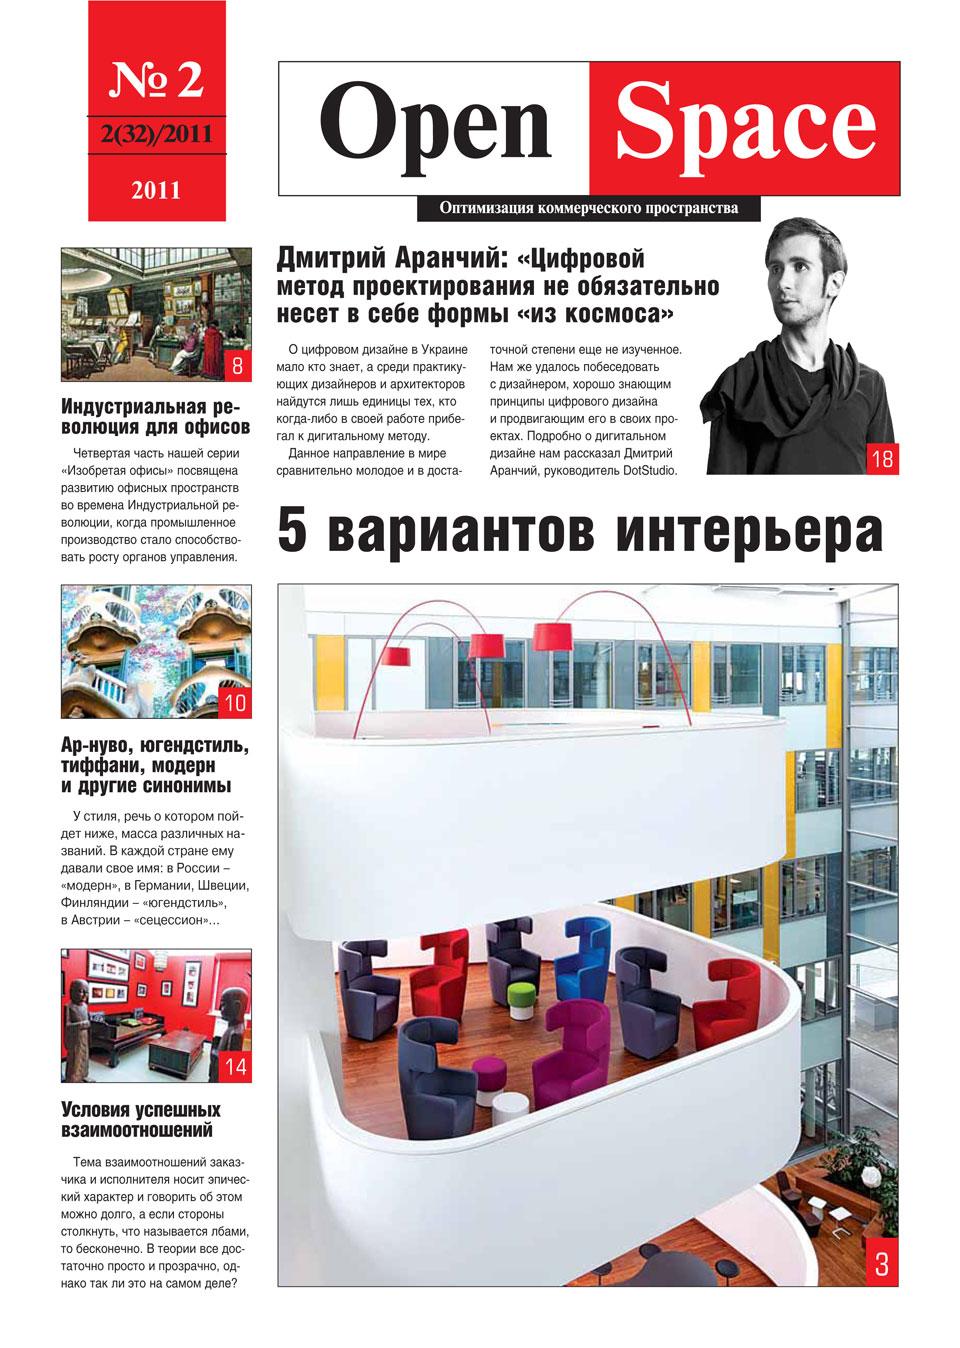 дмитро аранчій на обкладинці журналу опен спейс